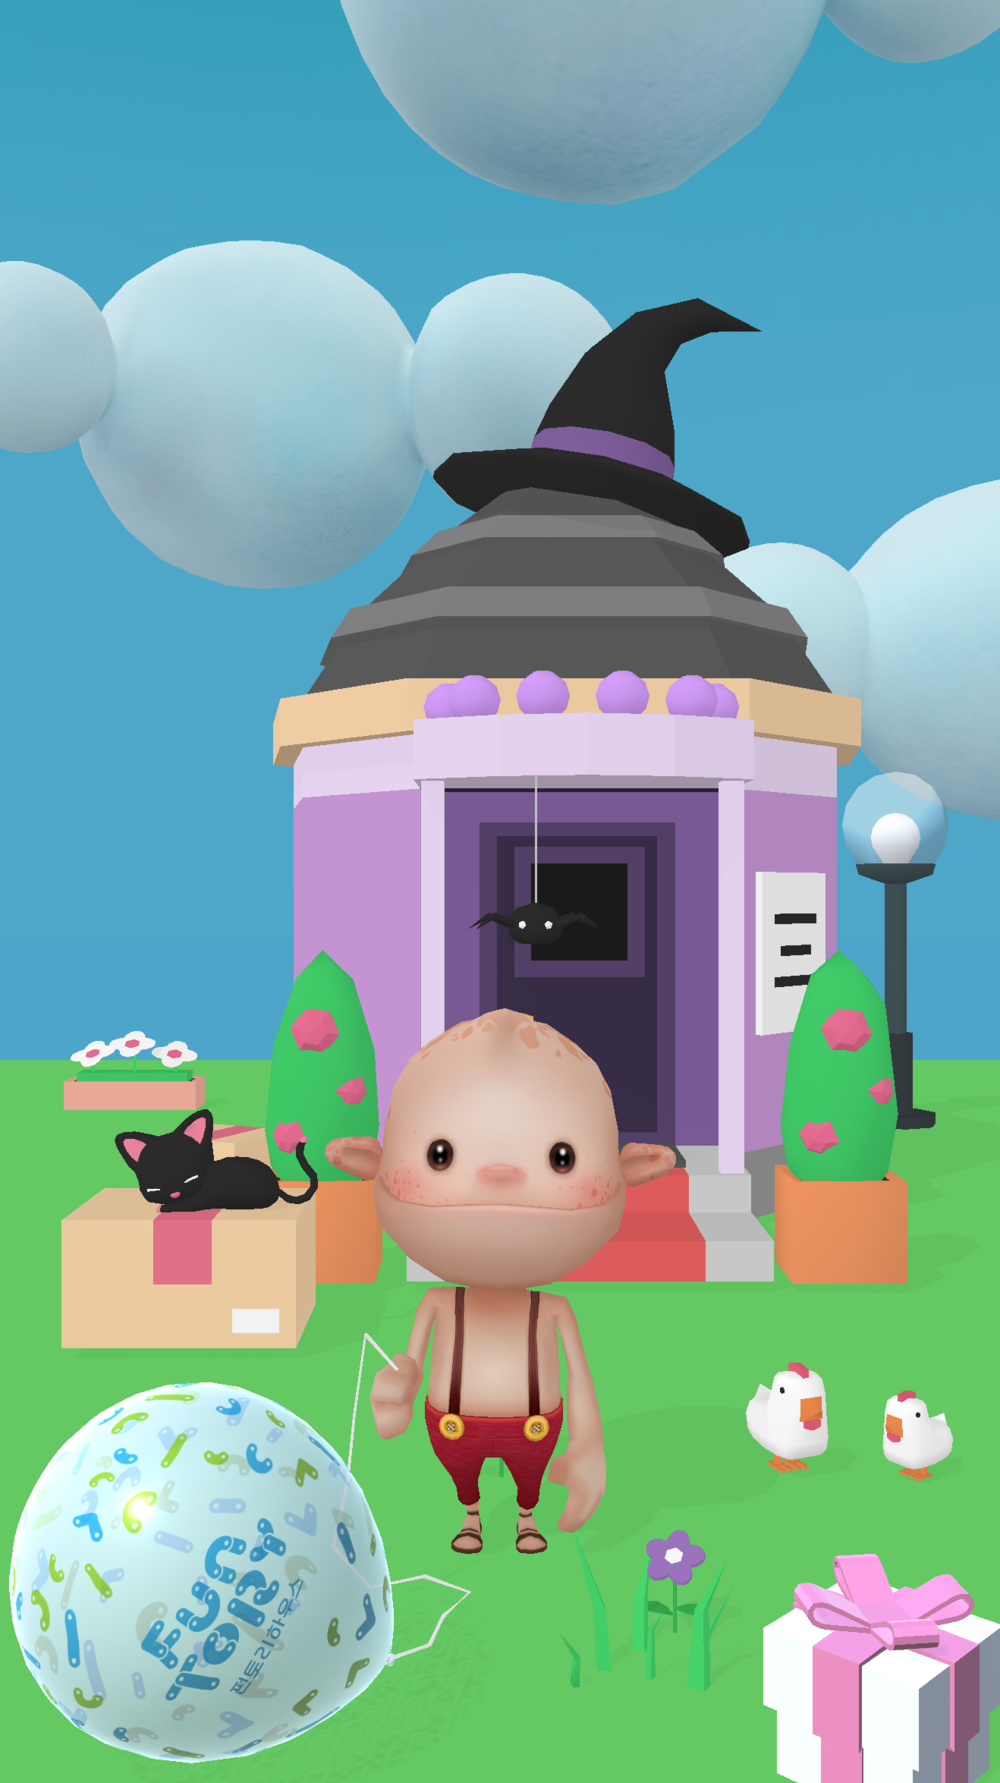 4. 마법사의 집/Wizard House